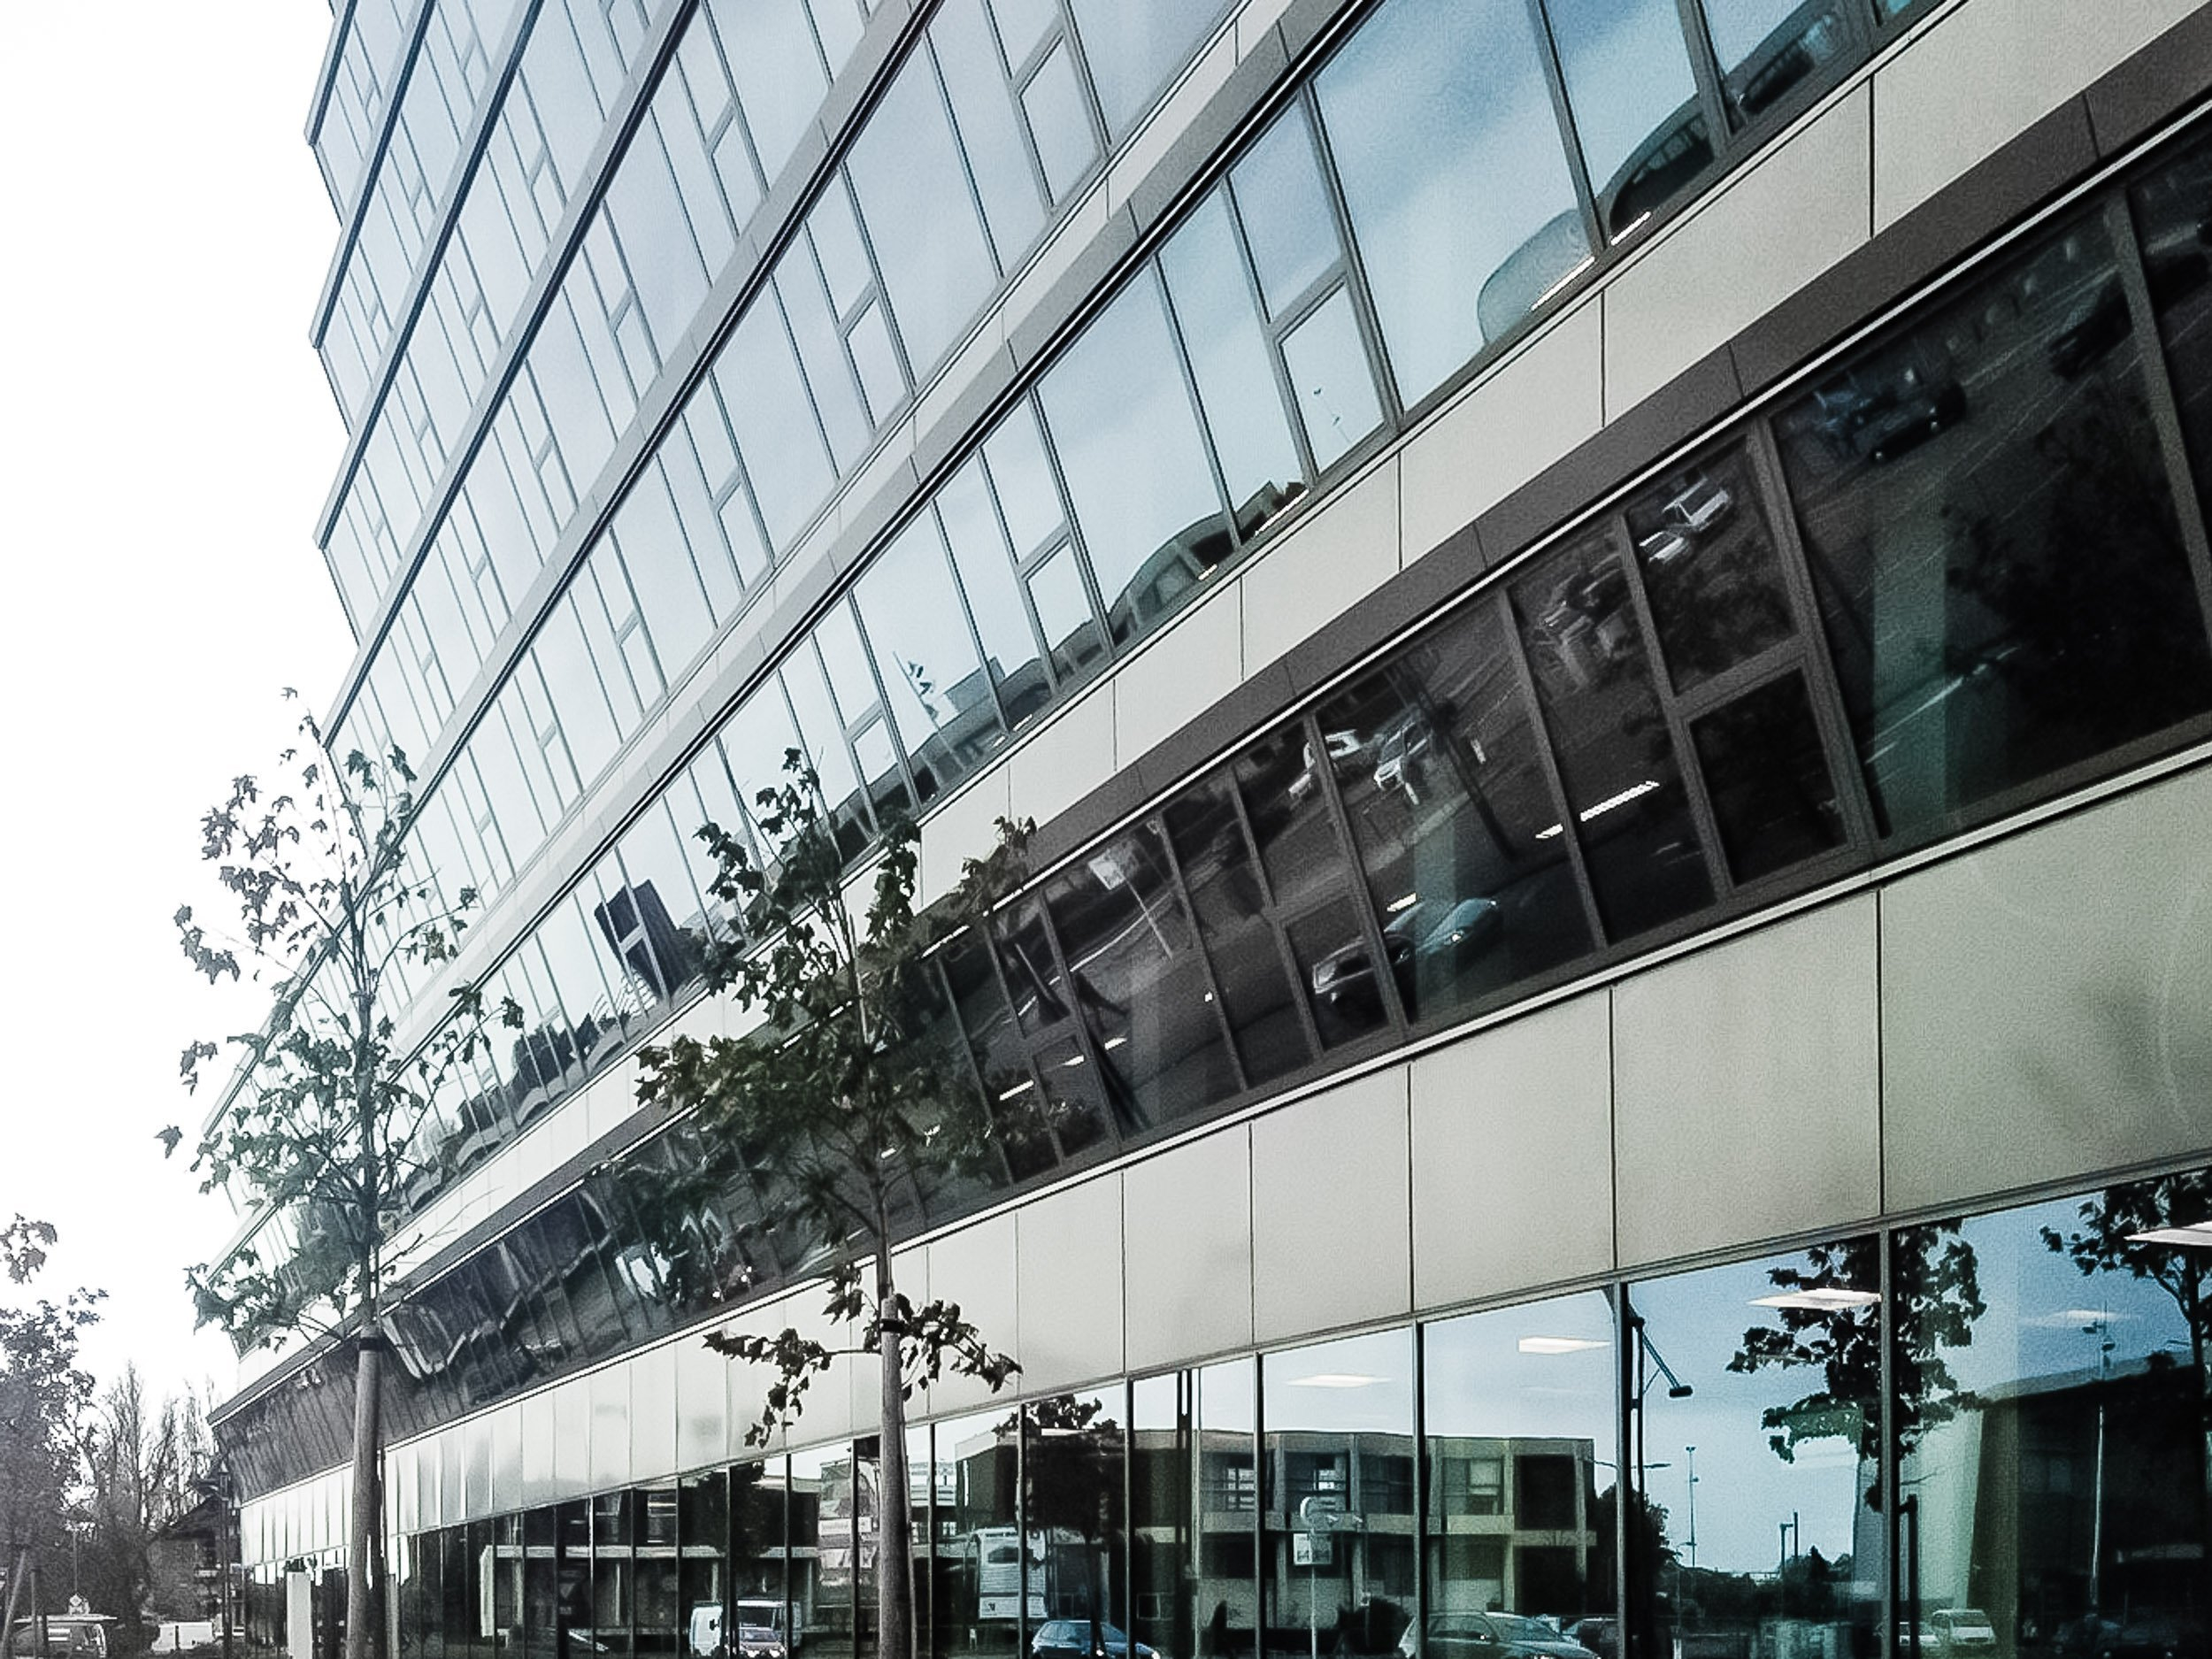 Industrieplein Hengelo - Außenansicht